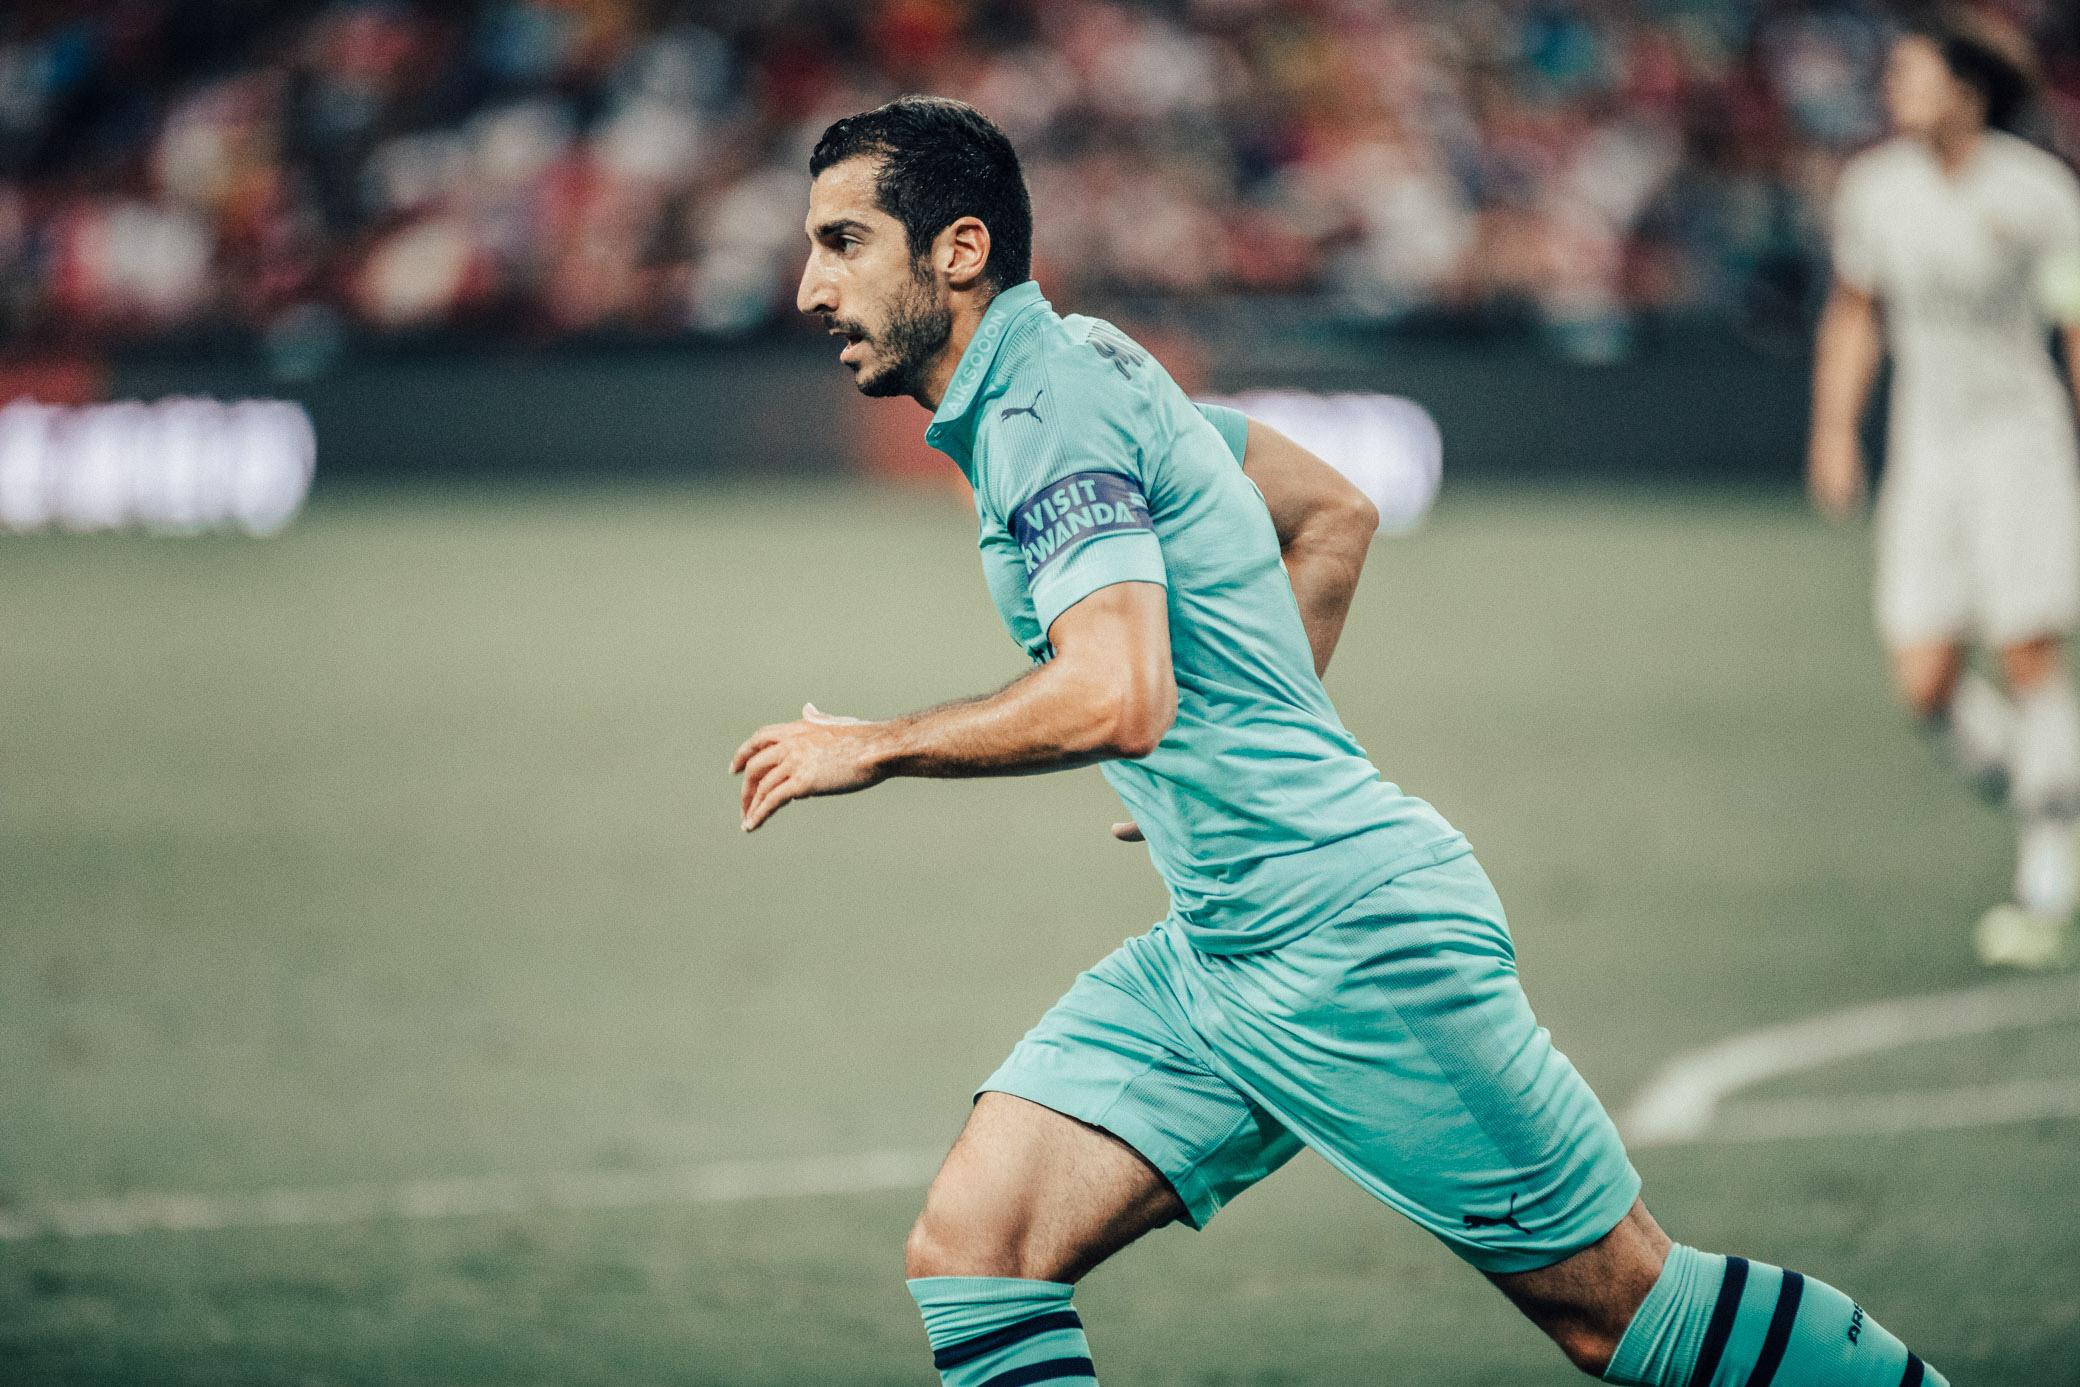 ICC 2018: PSG VS ARSENAL (MKHITARYAN)